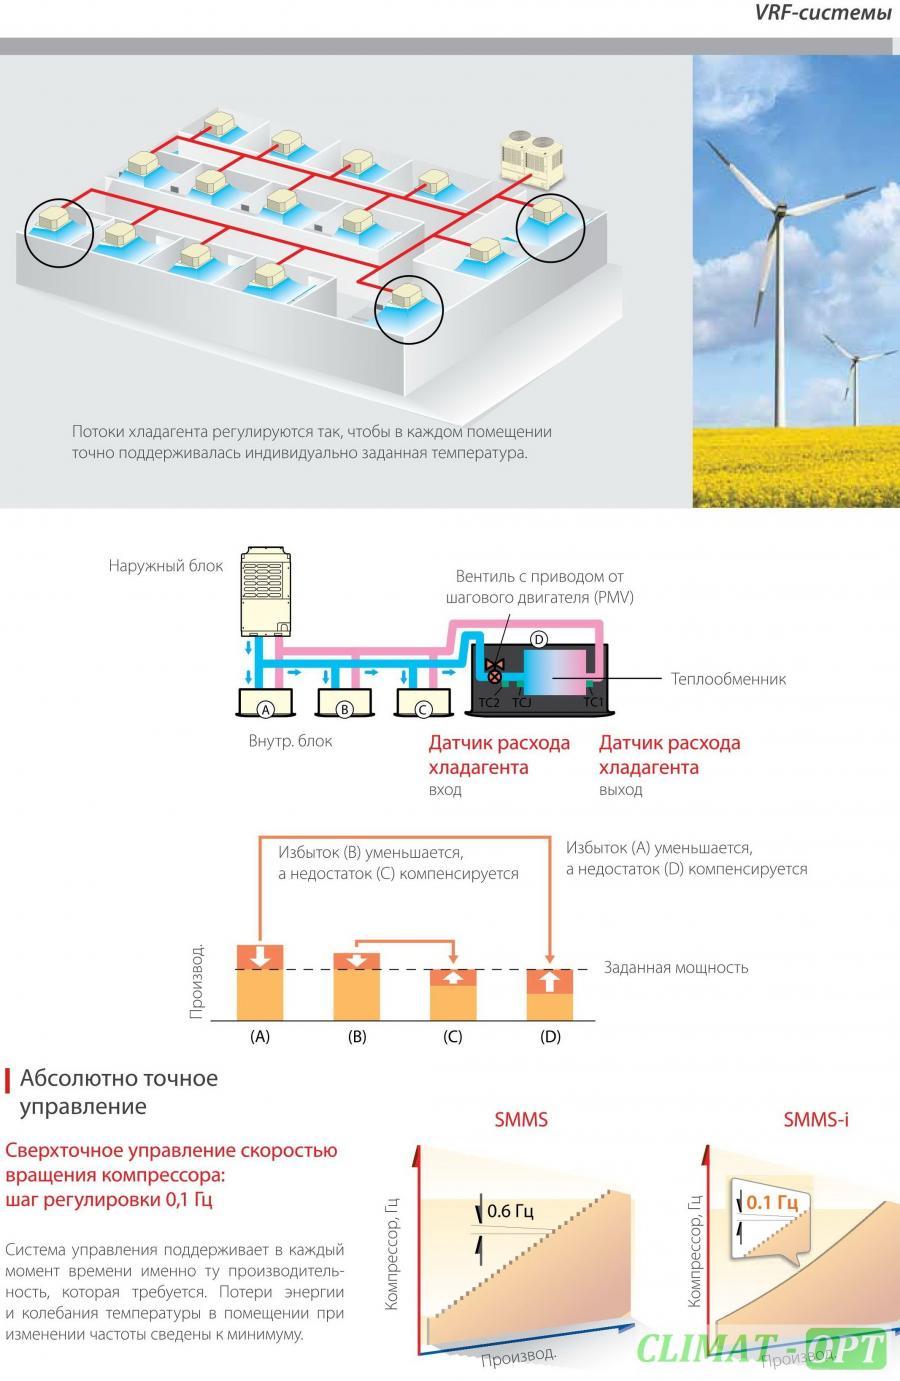 Toshiba VRF Внешние блоки с двухроторными компрессорам S-MMS